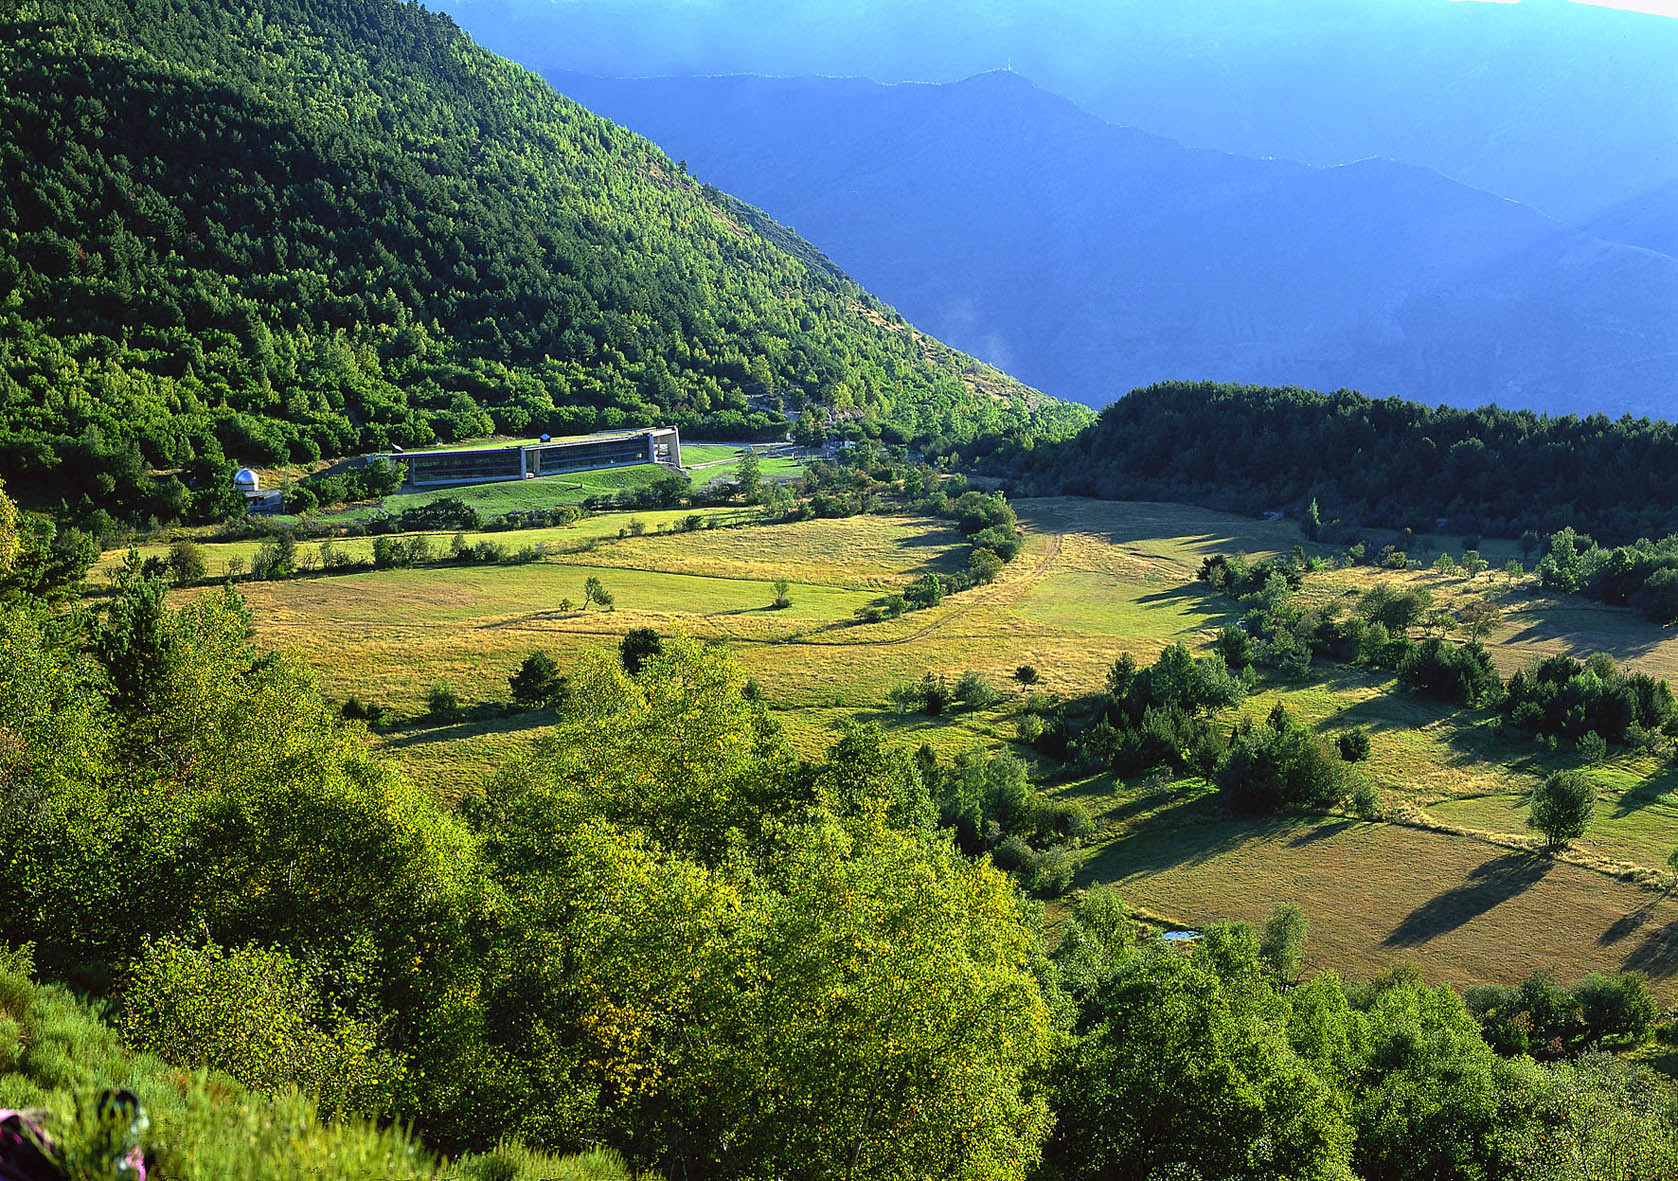 Gaudiu d'un món natural al Delta de l'Ebre i als Pirineus!